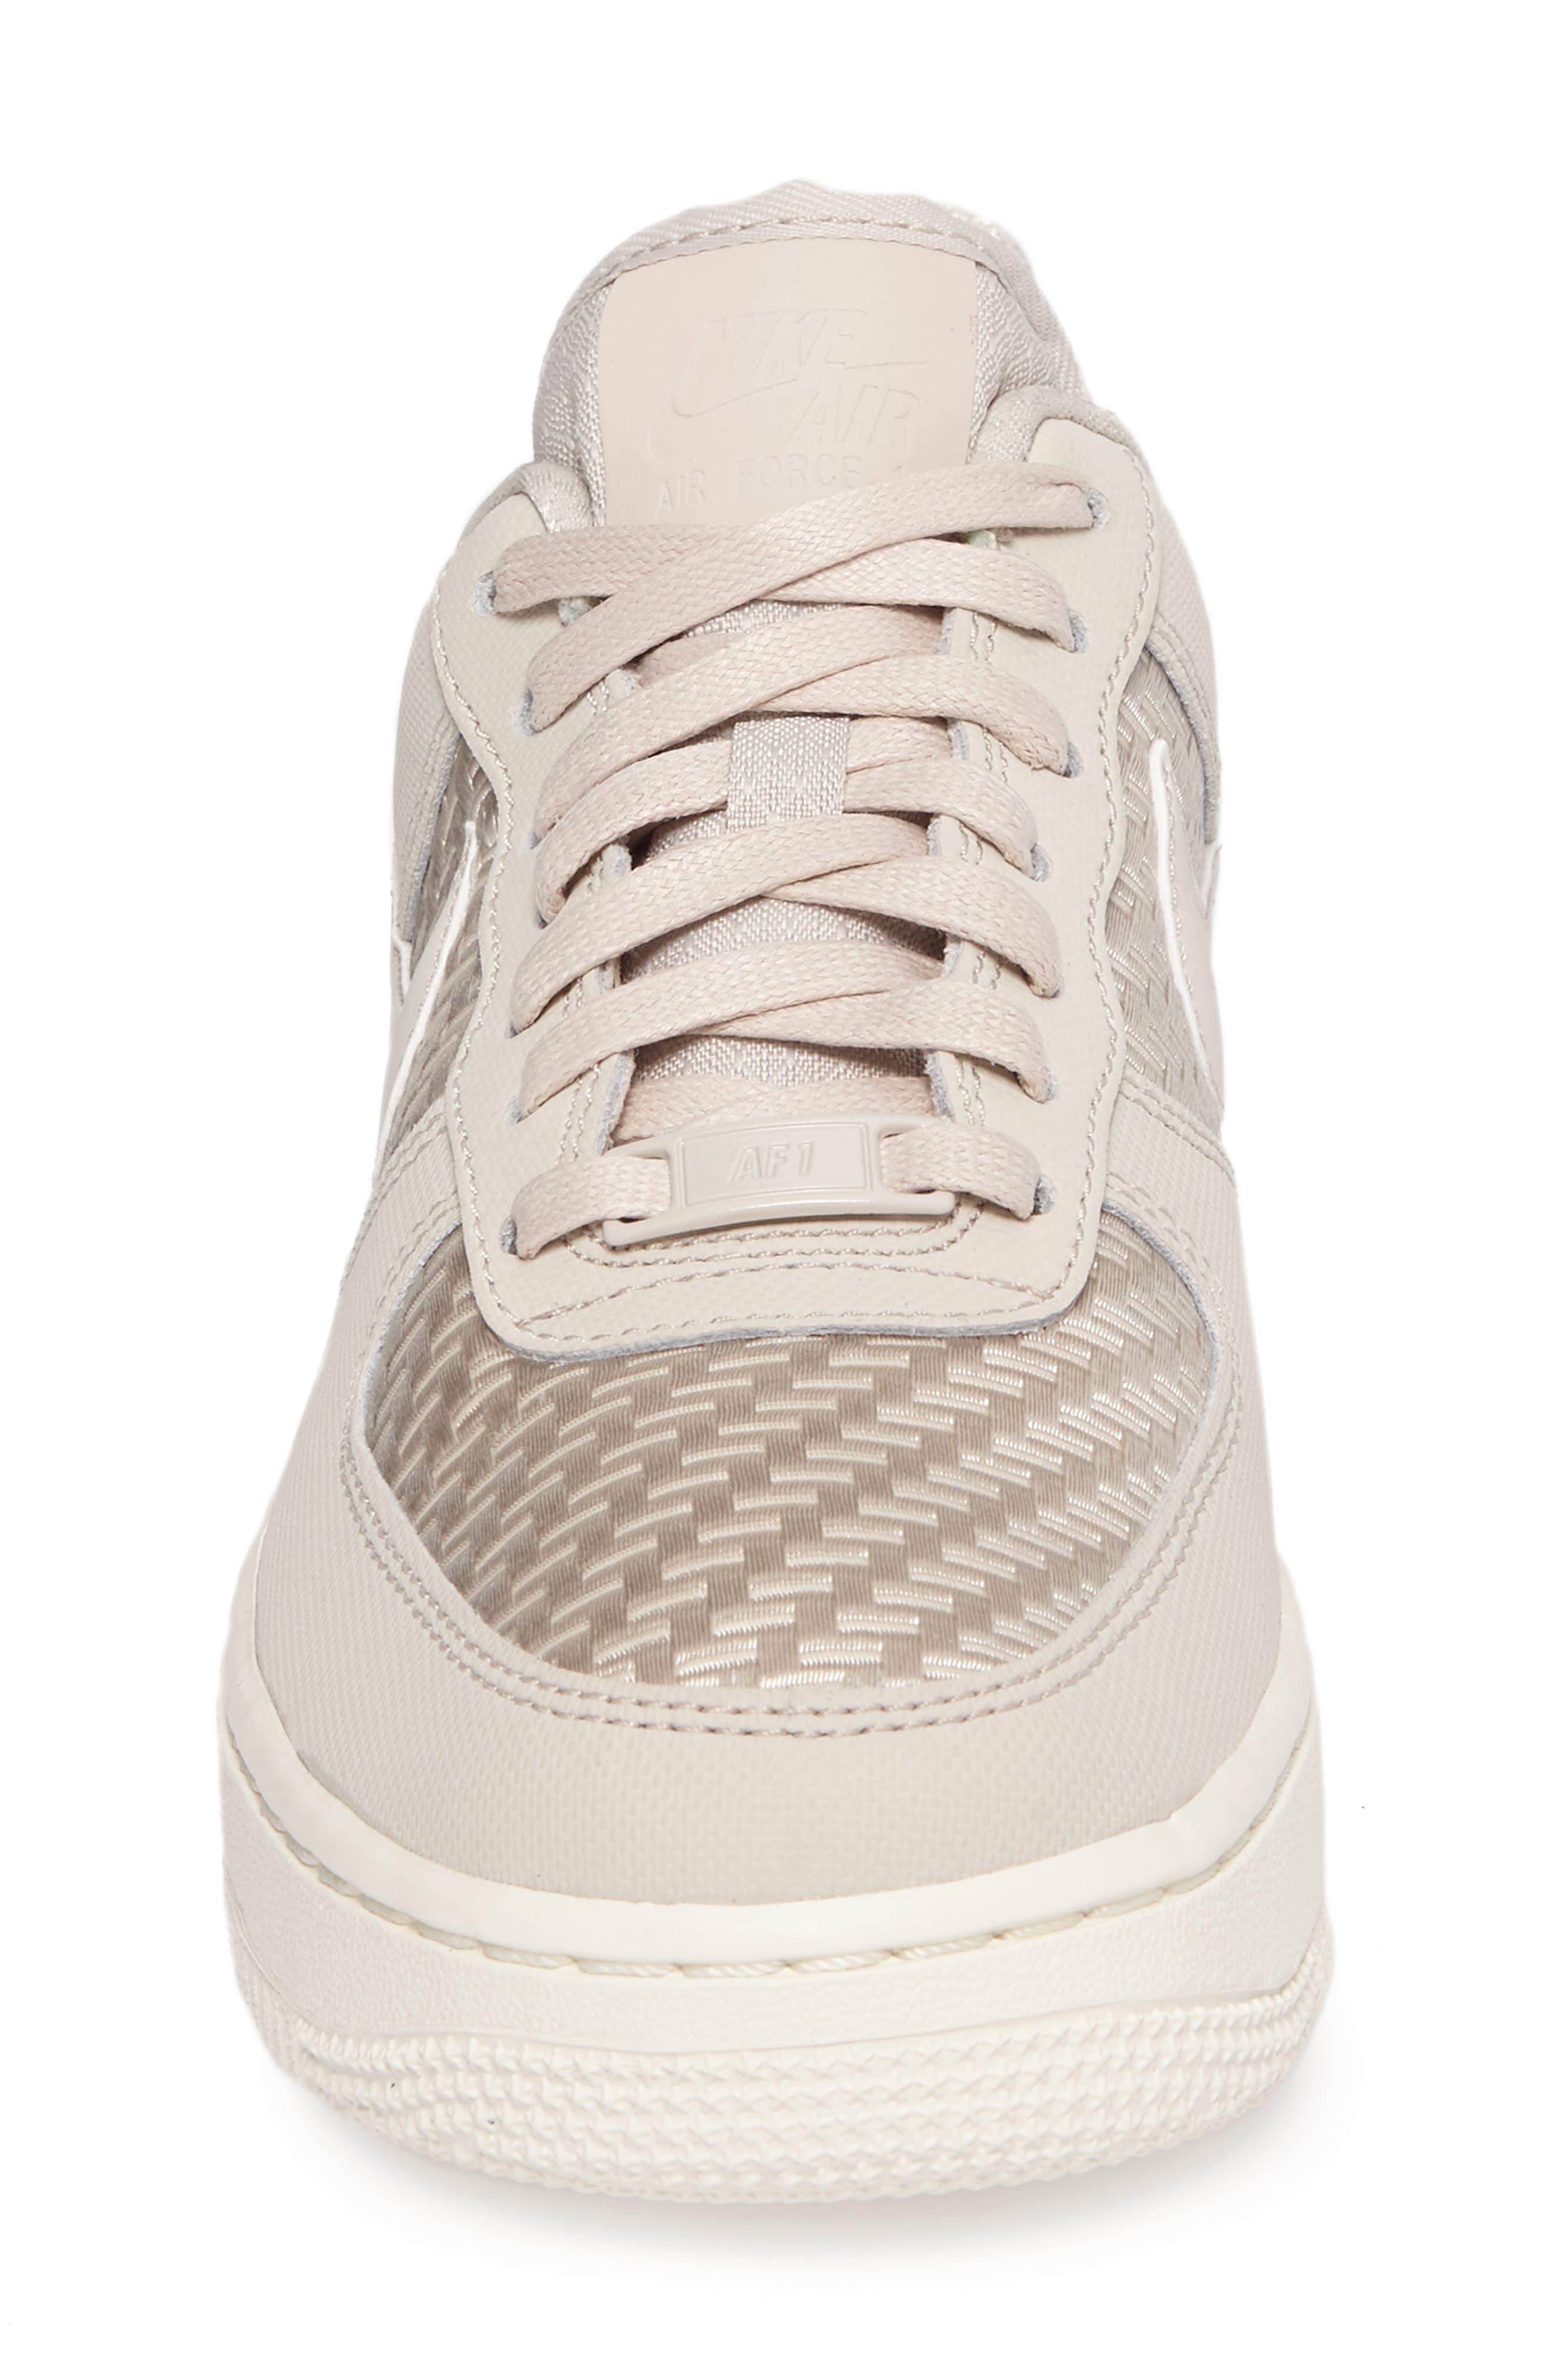 Air Force 1 '07 Pinnacle Sneaker,                             Alternate thumbnail 4, color,                             DESERT SAND/ DESERT SAND